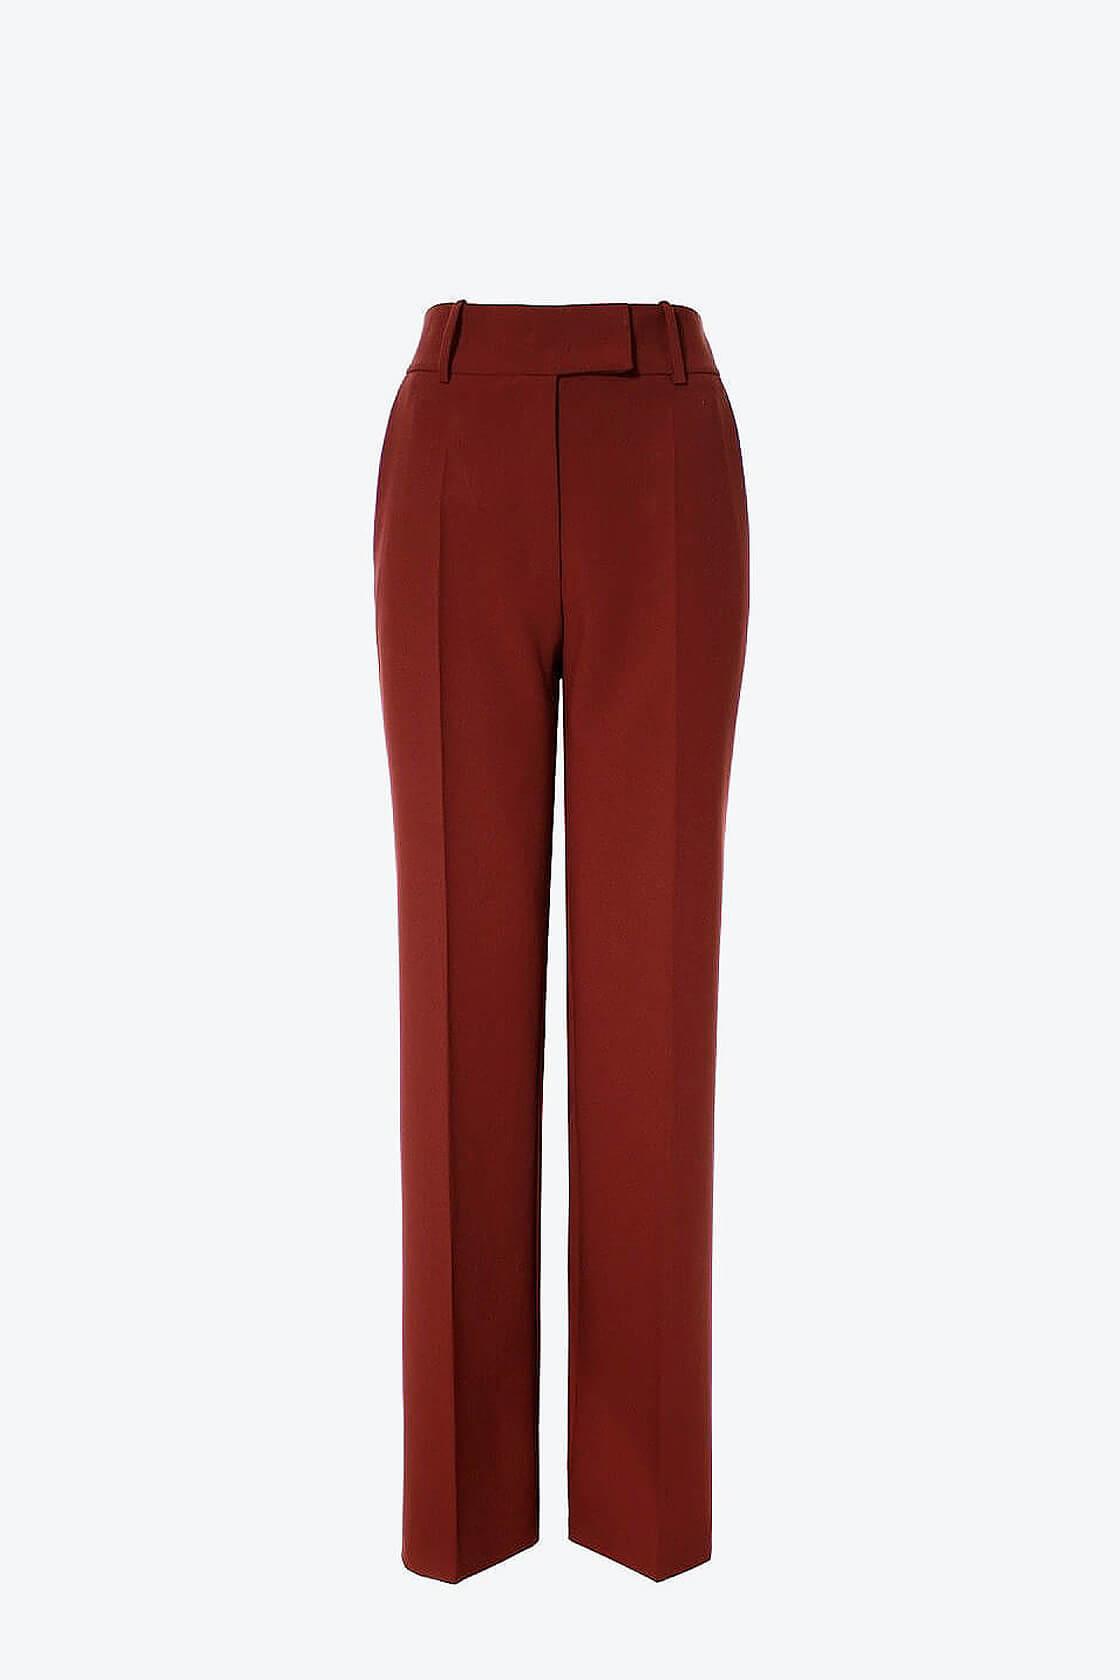 OL100002633 Pants Harper Chestnut1